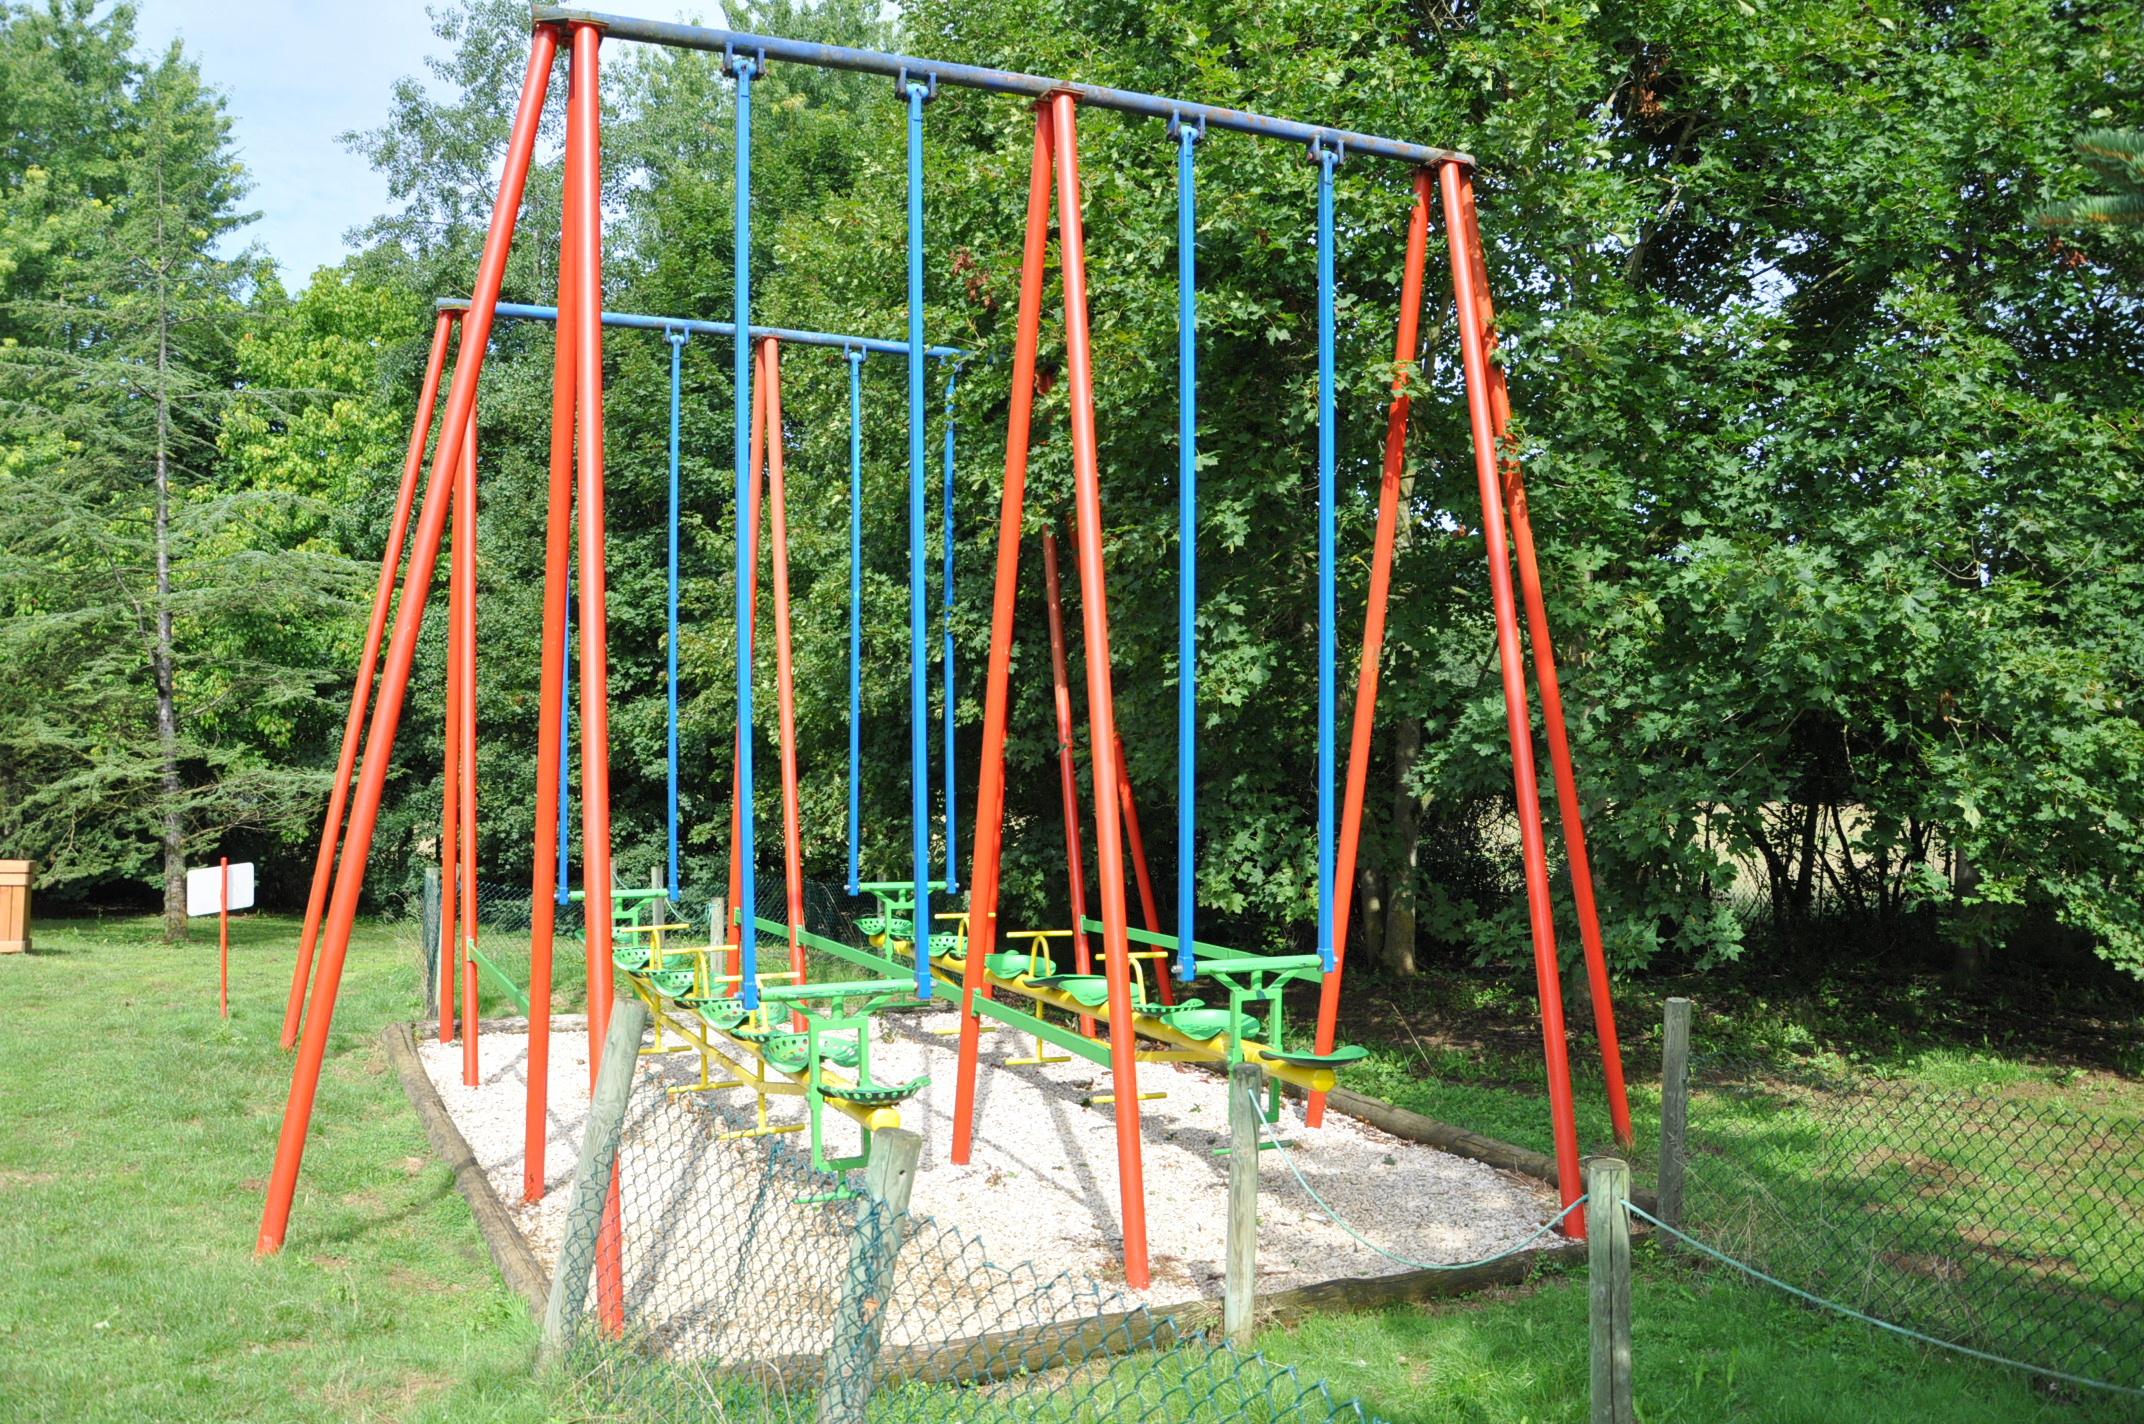 parc attraction 6 le parc de l 39 auxois article. Black Bedroom Furniture Sets. Home Design Ideas